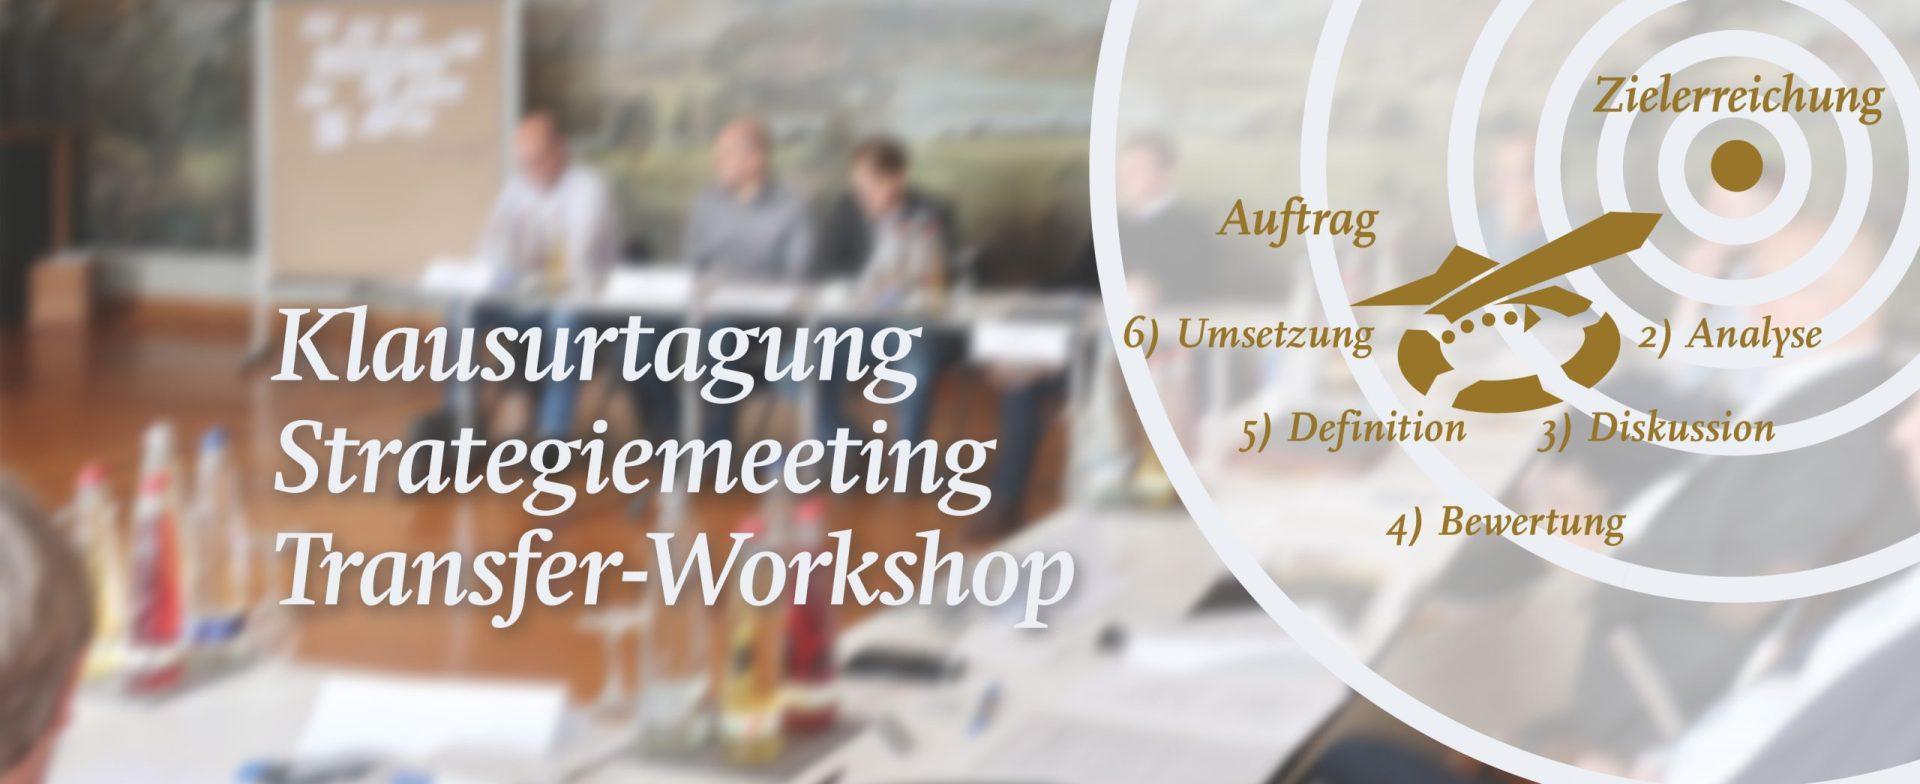 Externe Moderation von Meeting, Workshop, Seminar zu den Themen Strategie, Entscheidungen, Kollaboration, Teilhabe, Konfliktlösung. Business Moderator Ralf Hasford,: Gemeinsam schneller auf den Punkt kommen.